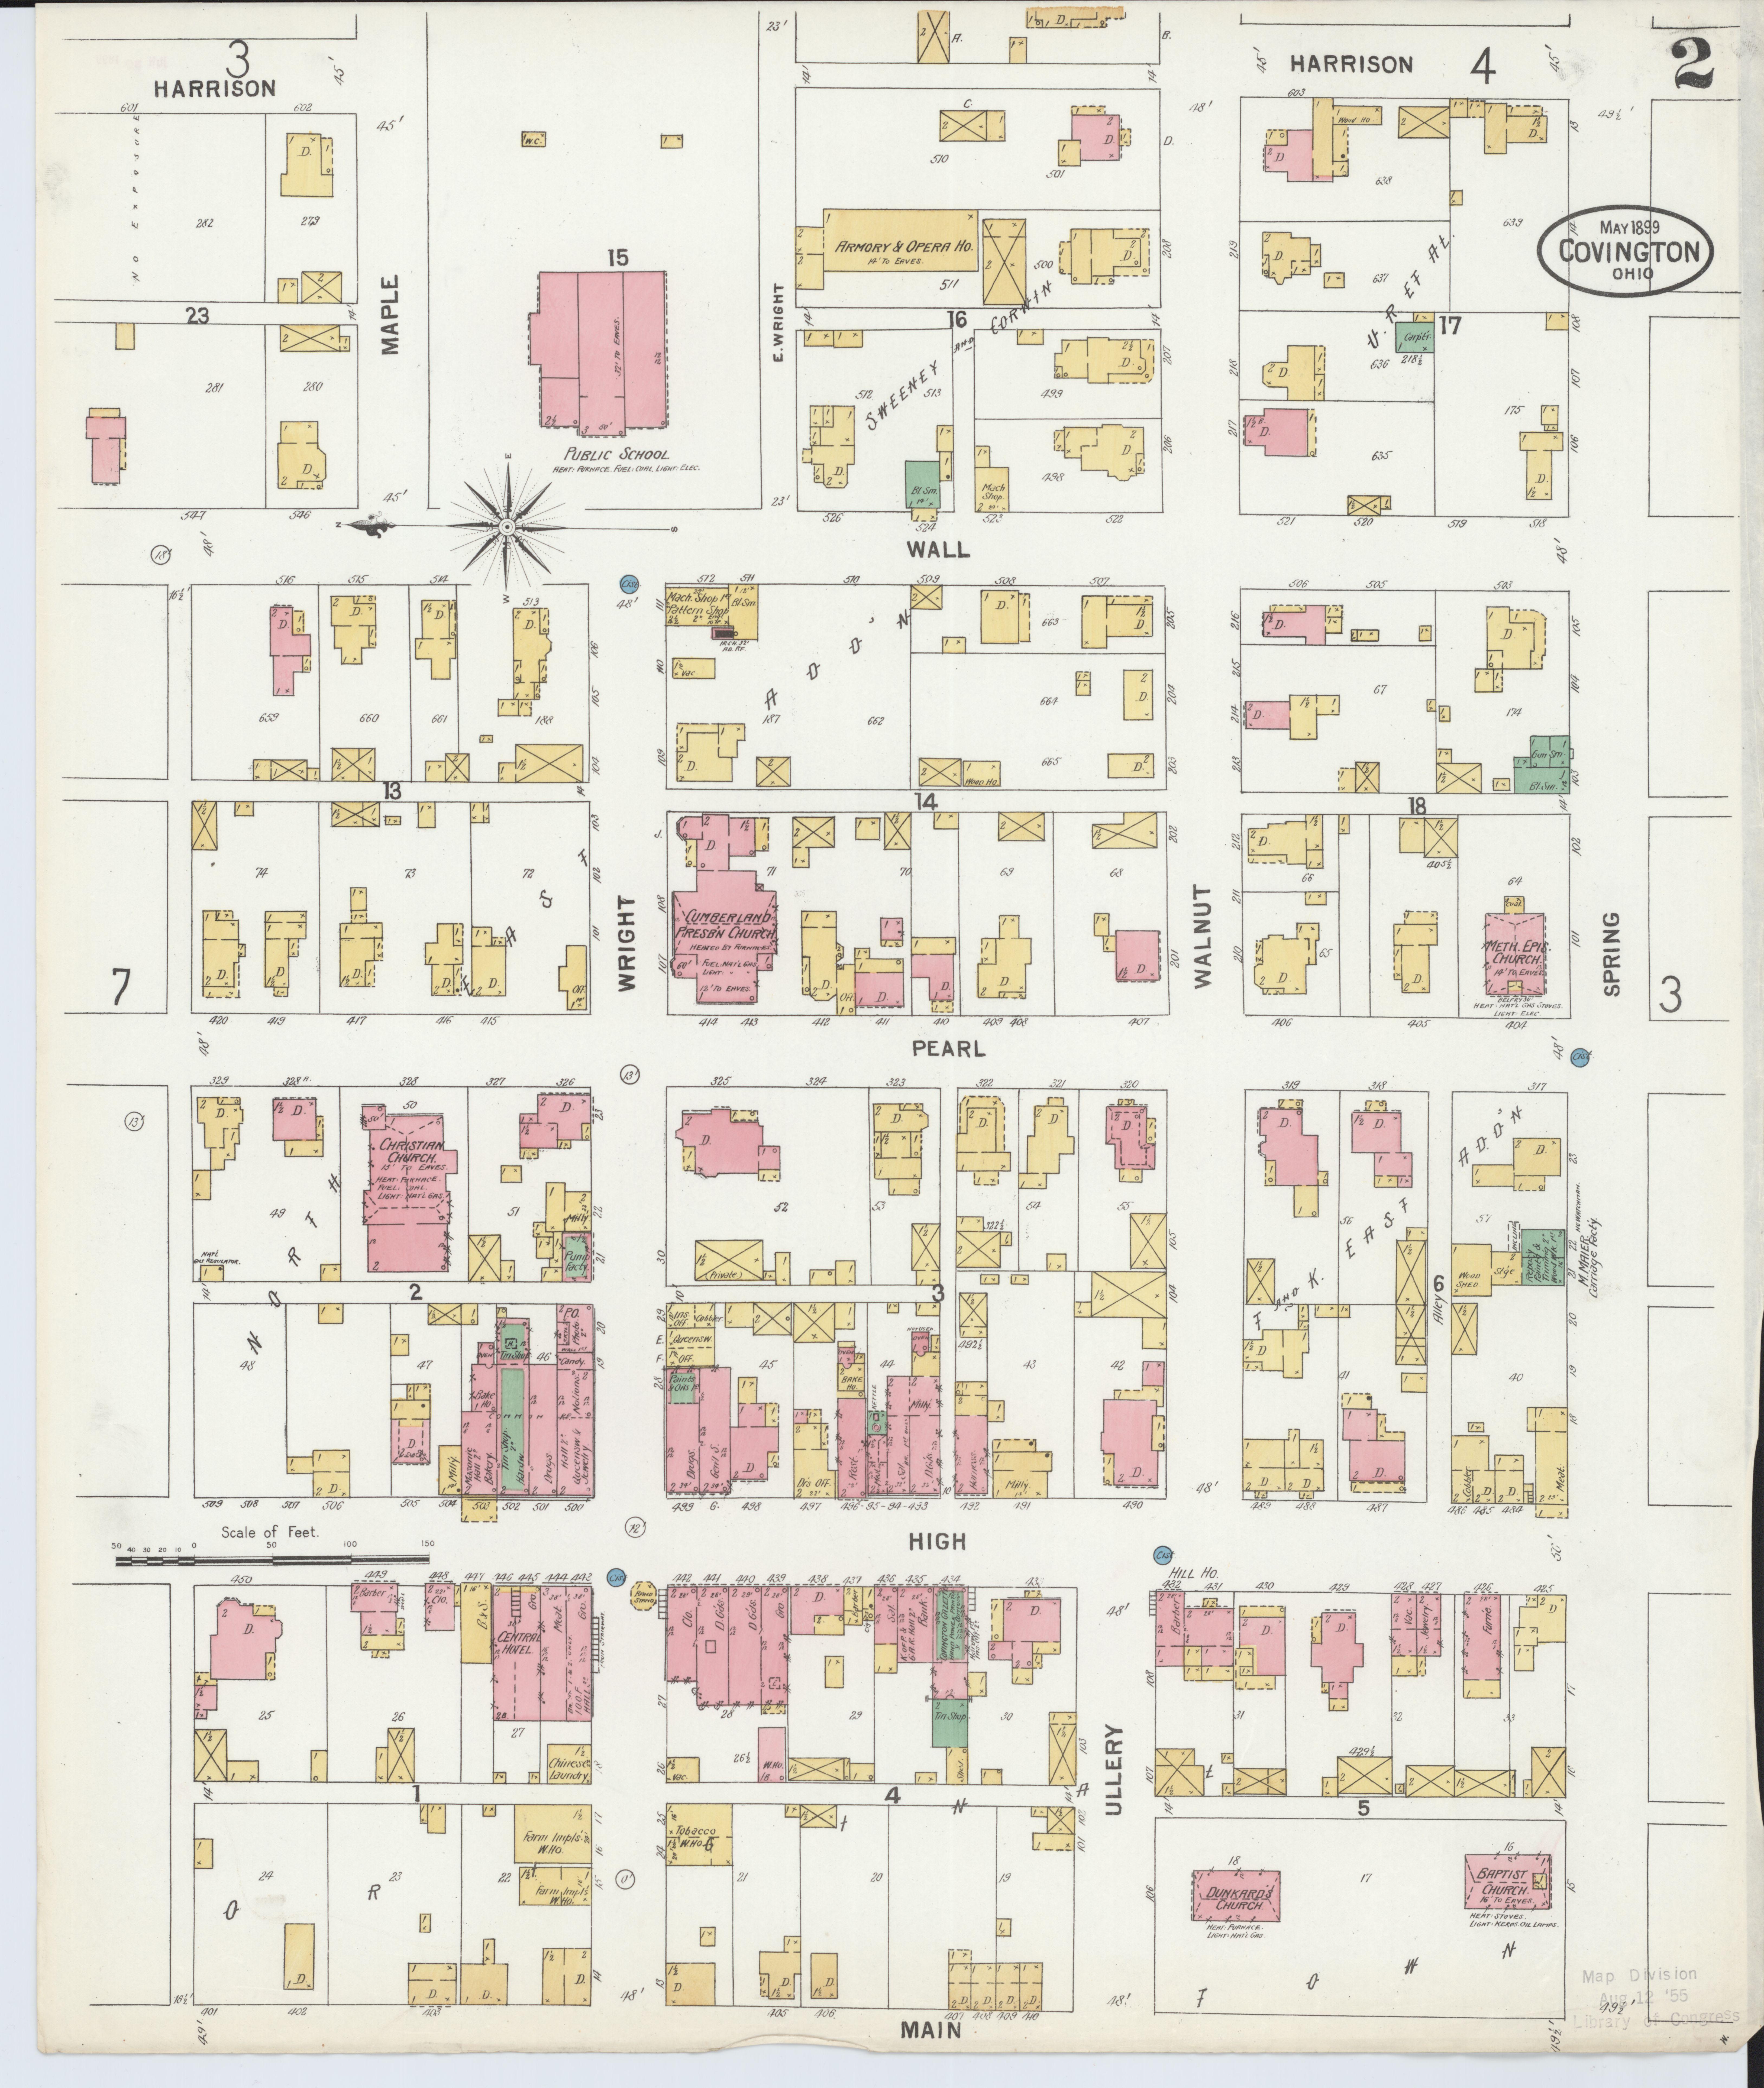 file:sanborn fire insurance map from covington, miami